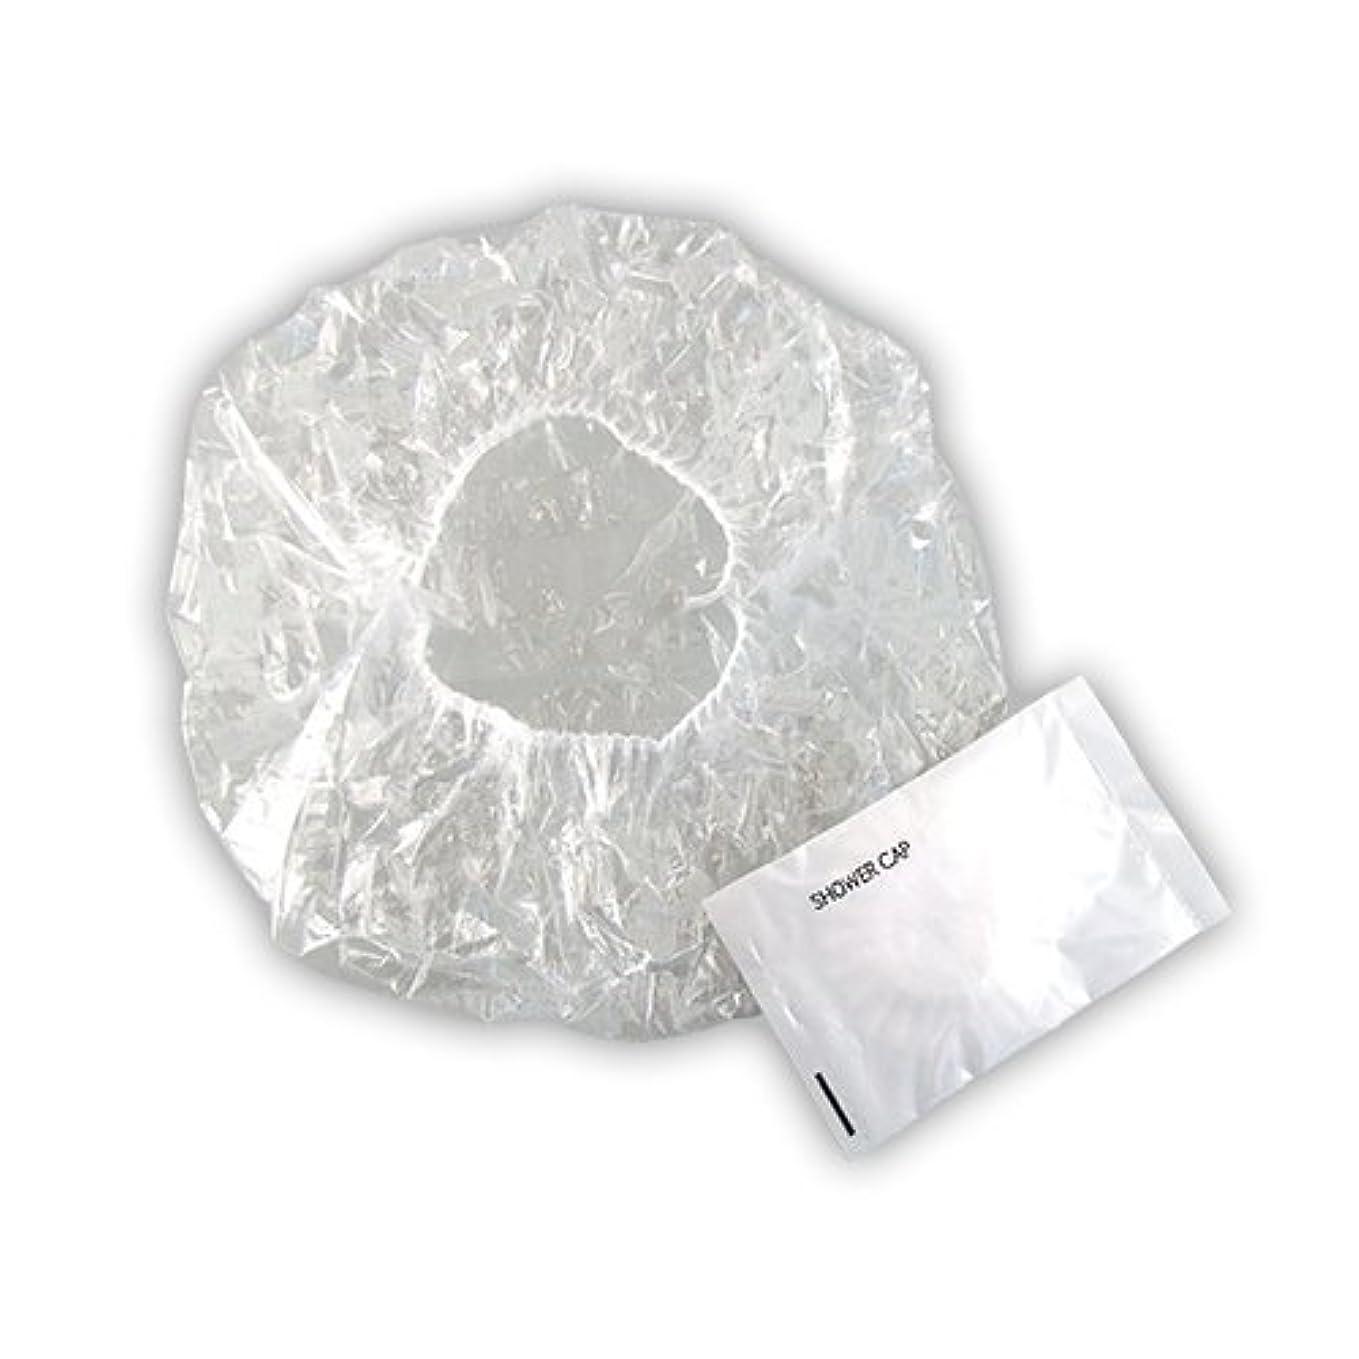 使い捨て シャワーキャップ 業務用 個包装タイプ ×100個セット|ホテルアメニティ (SHOWER CAP)